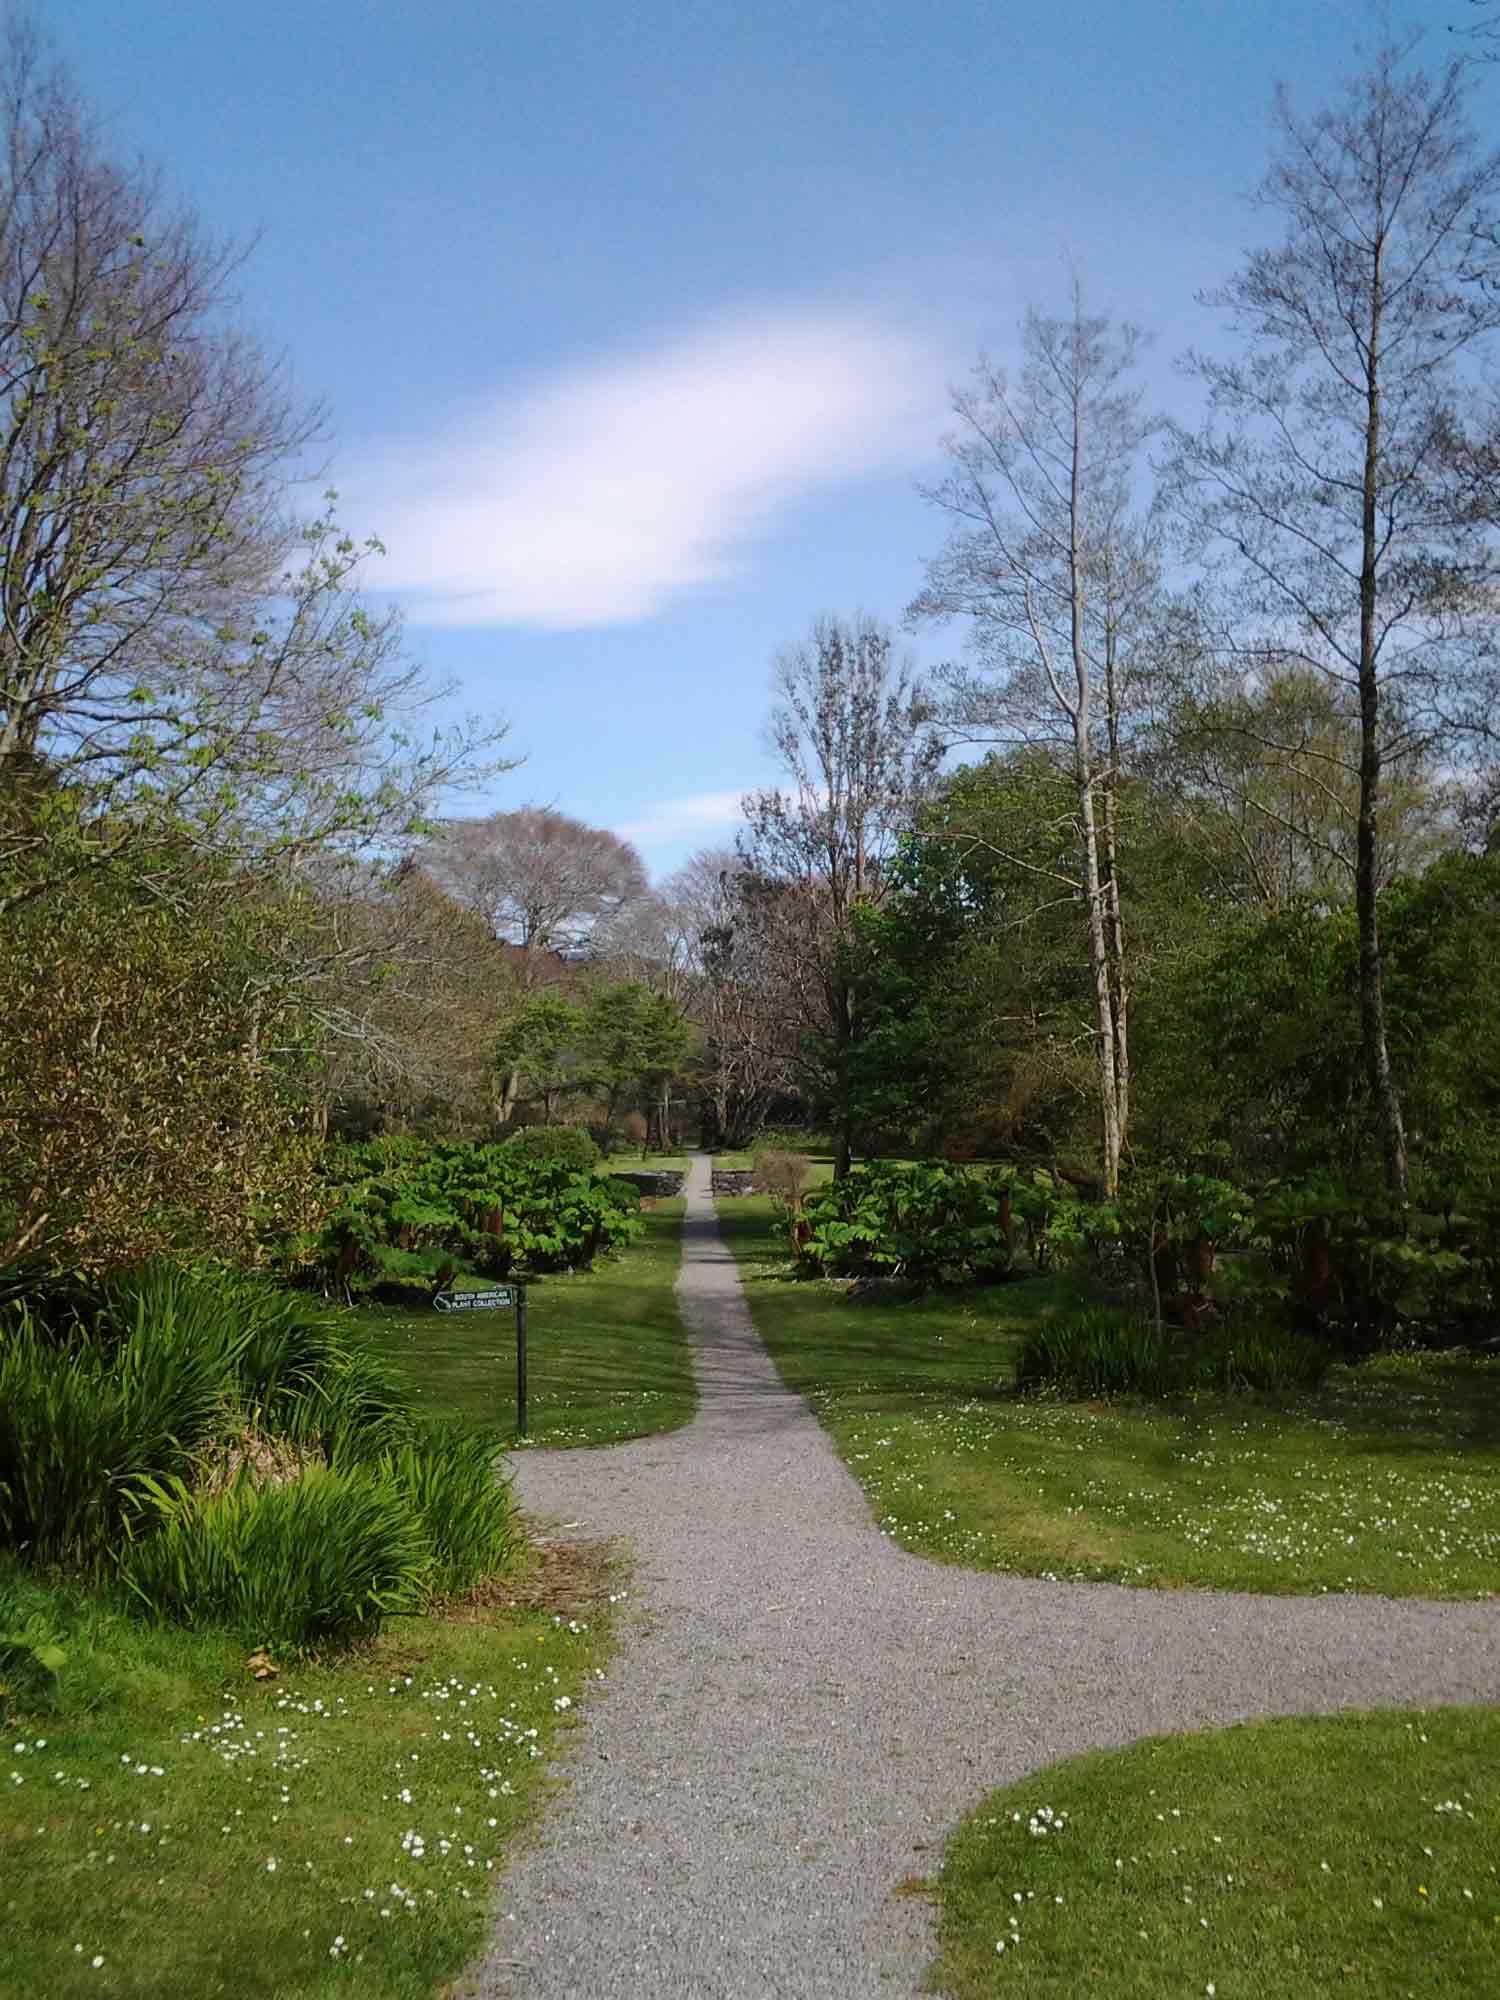 Garden paths at Derrynane House